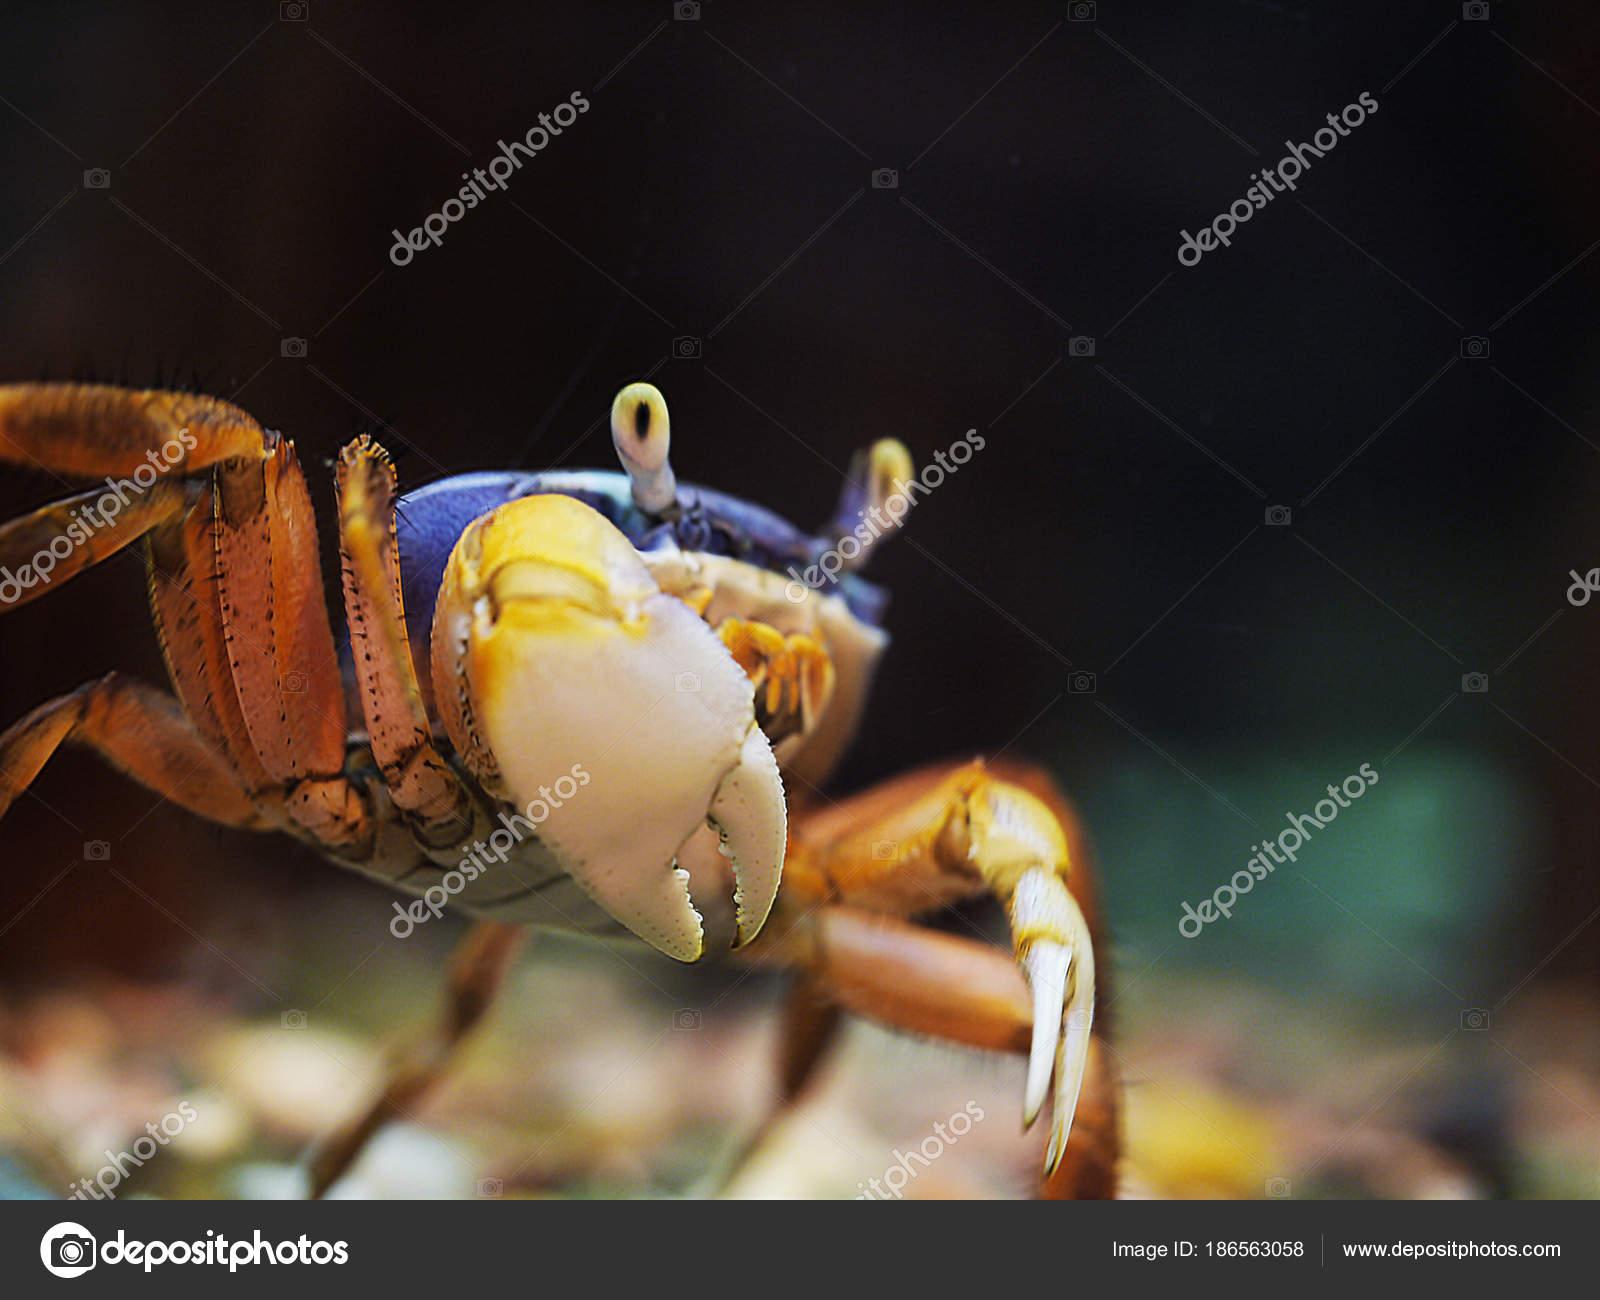 Un cangrejo de arco iris de color azul y rojo muestra su garra ...